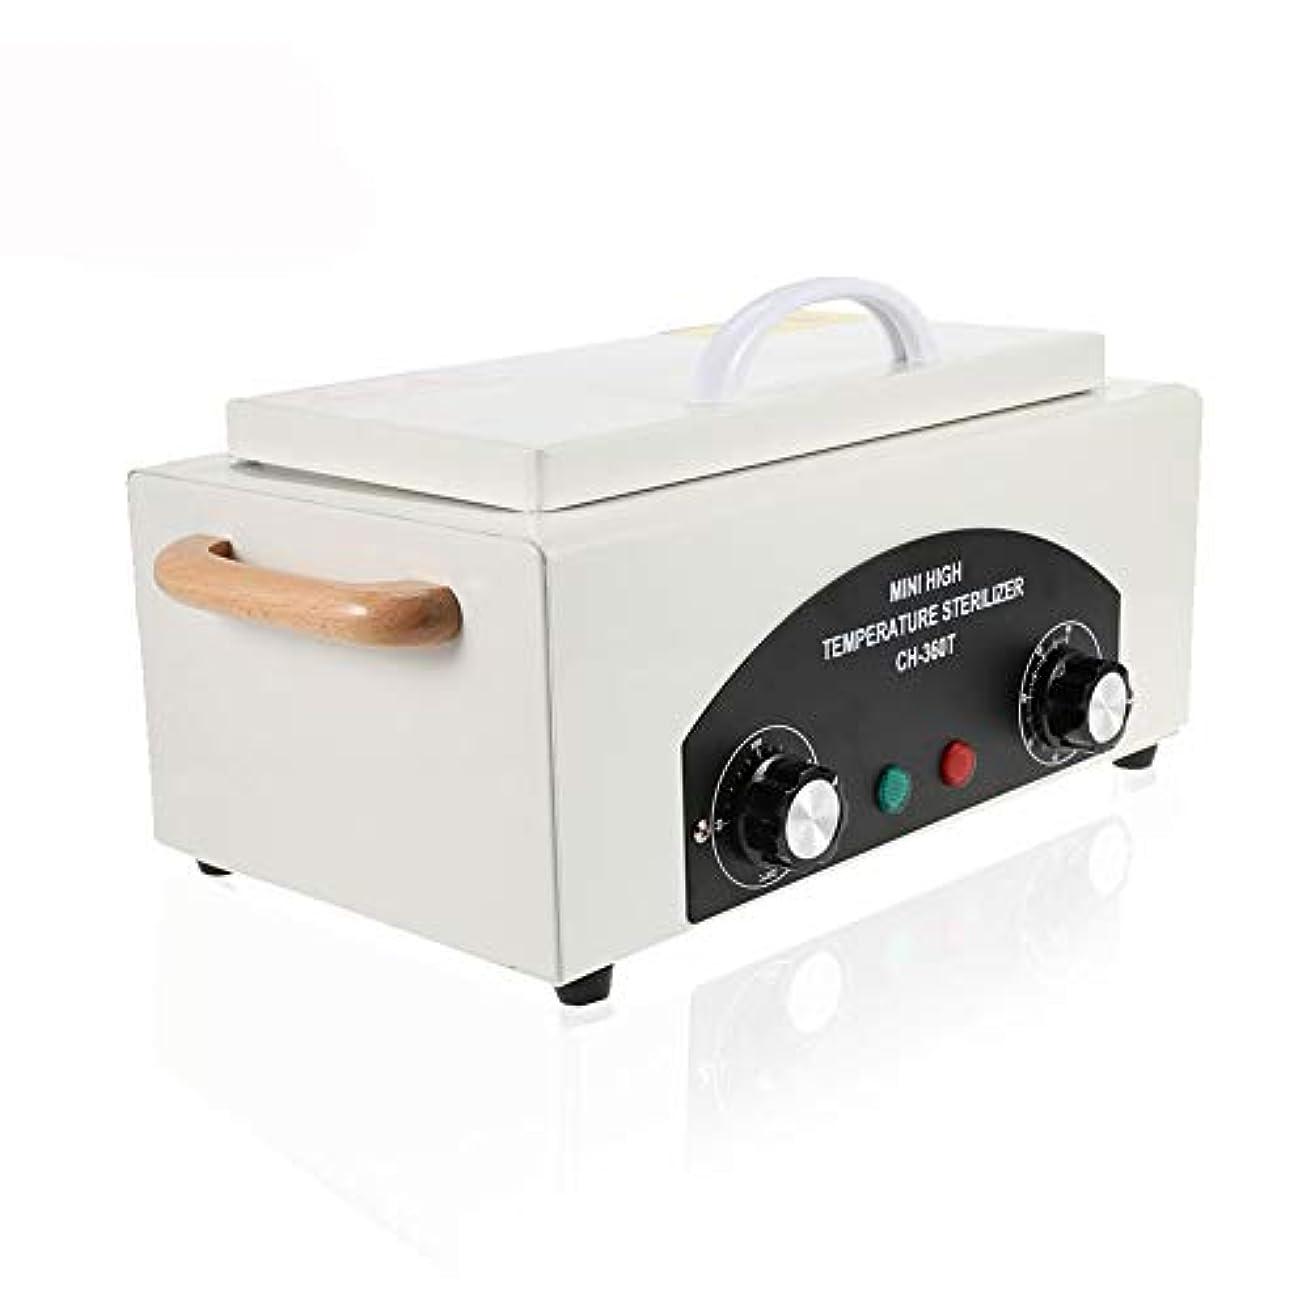 耐久争い心理的300ワットドライヒート高温UV殺菌ボックスネイルアートツール殺菌ボックス熱気消毒キャビネットネイルアクセサリー